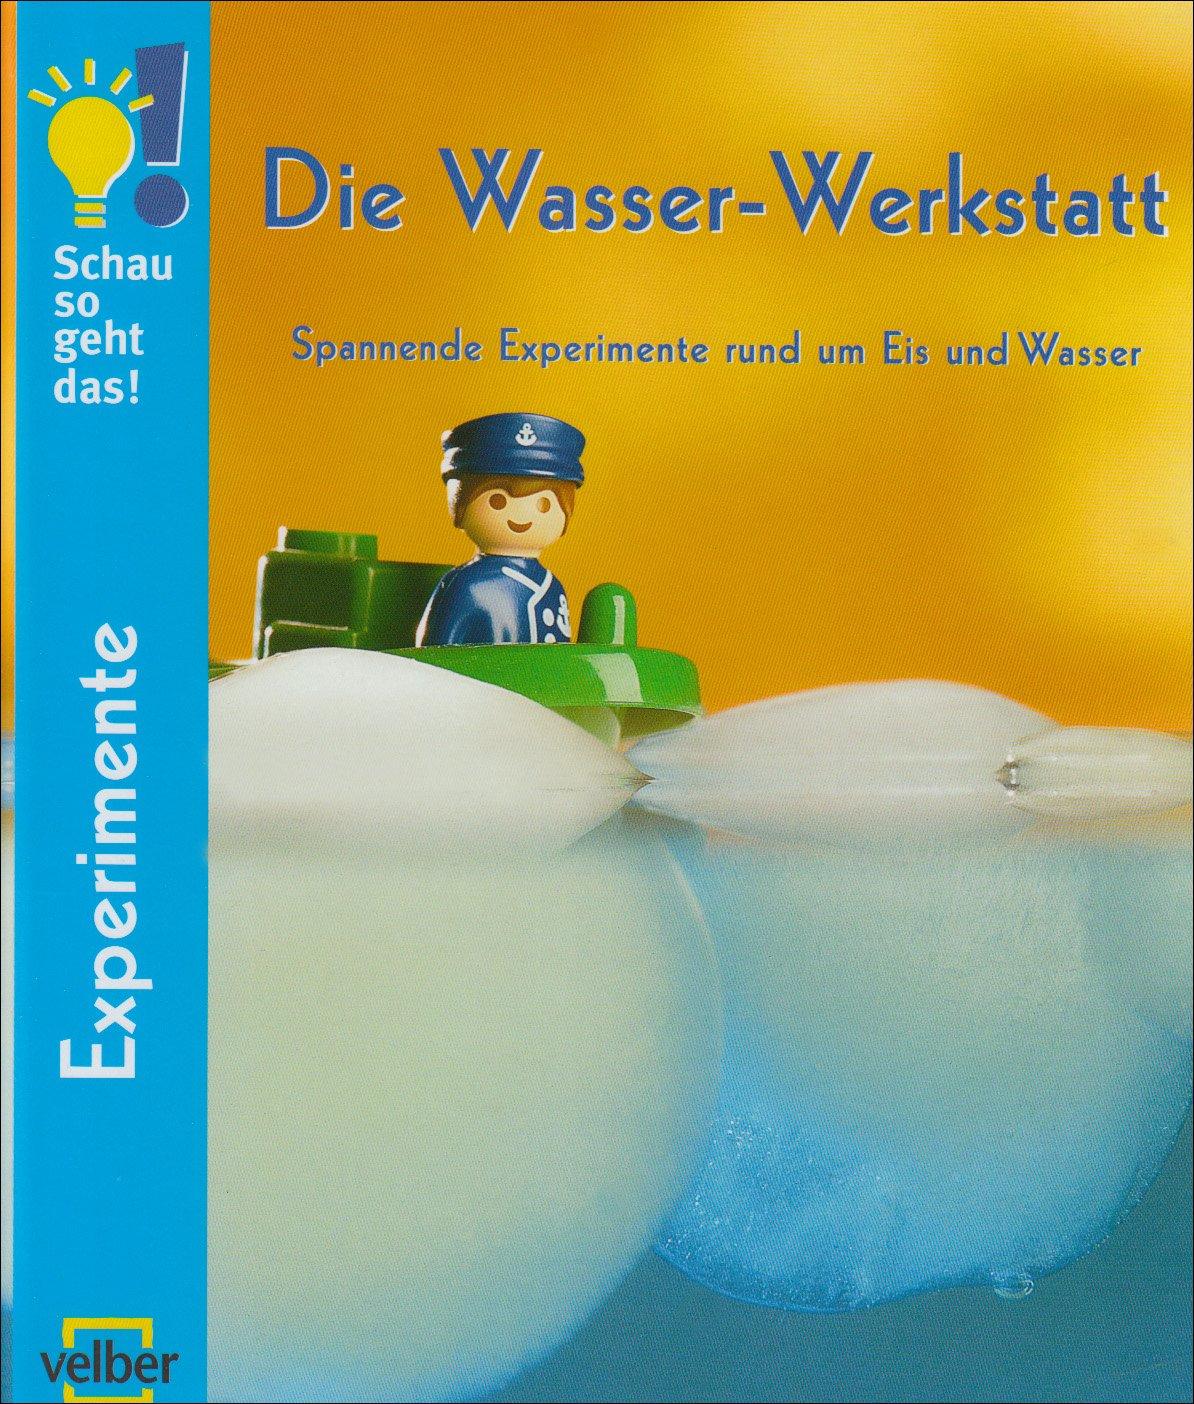 Die Wasser-Werkstatt: Spannende Experimente rund um Eis und Wasser